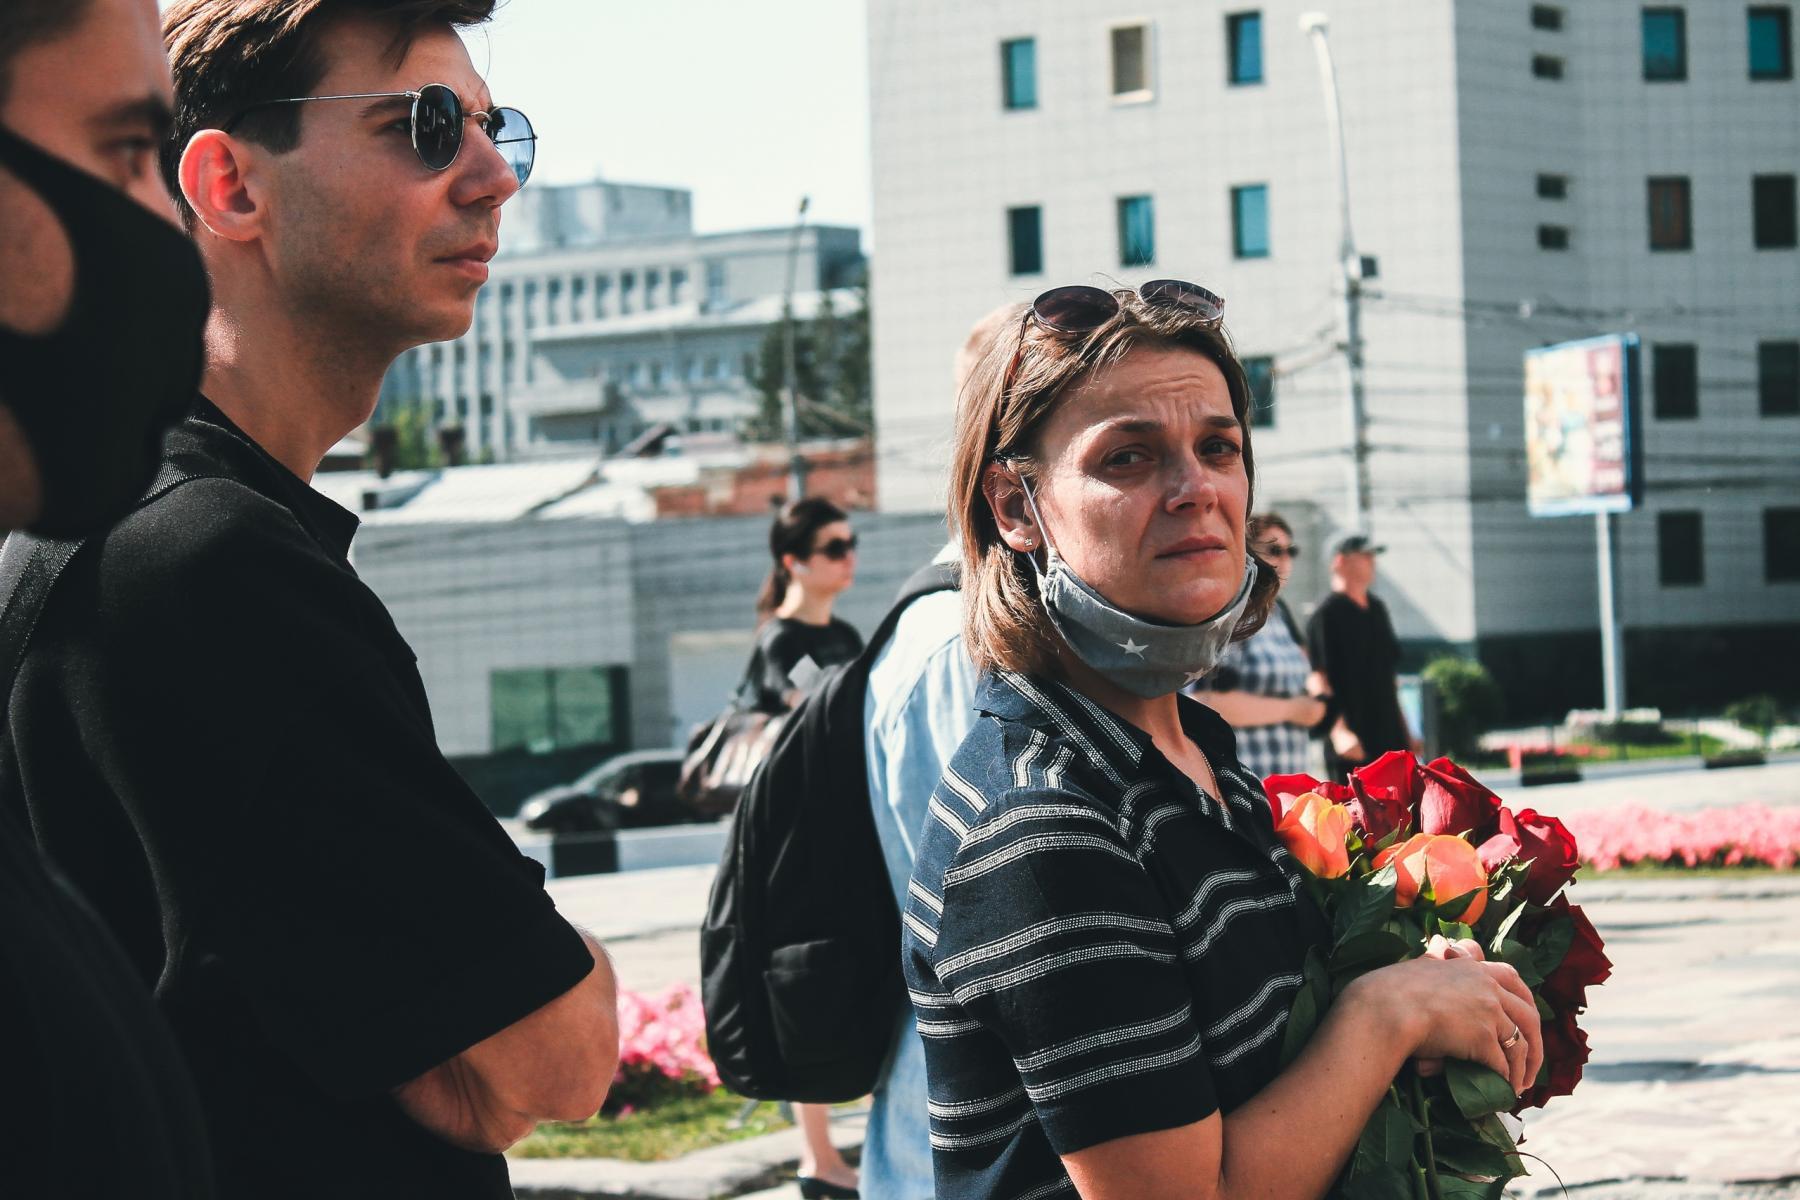 Фото Финальные аплодисменты: как новосибирцы простились с актёром театра «Глобус» Лаврентием Сорокиным (фоторепортаж) 7